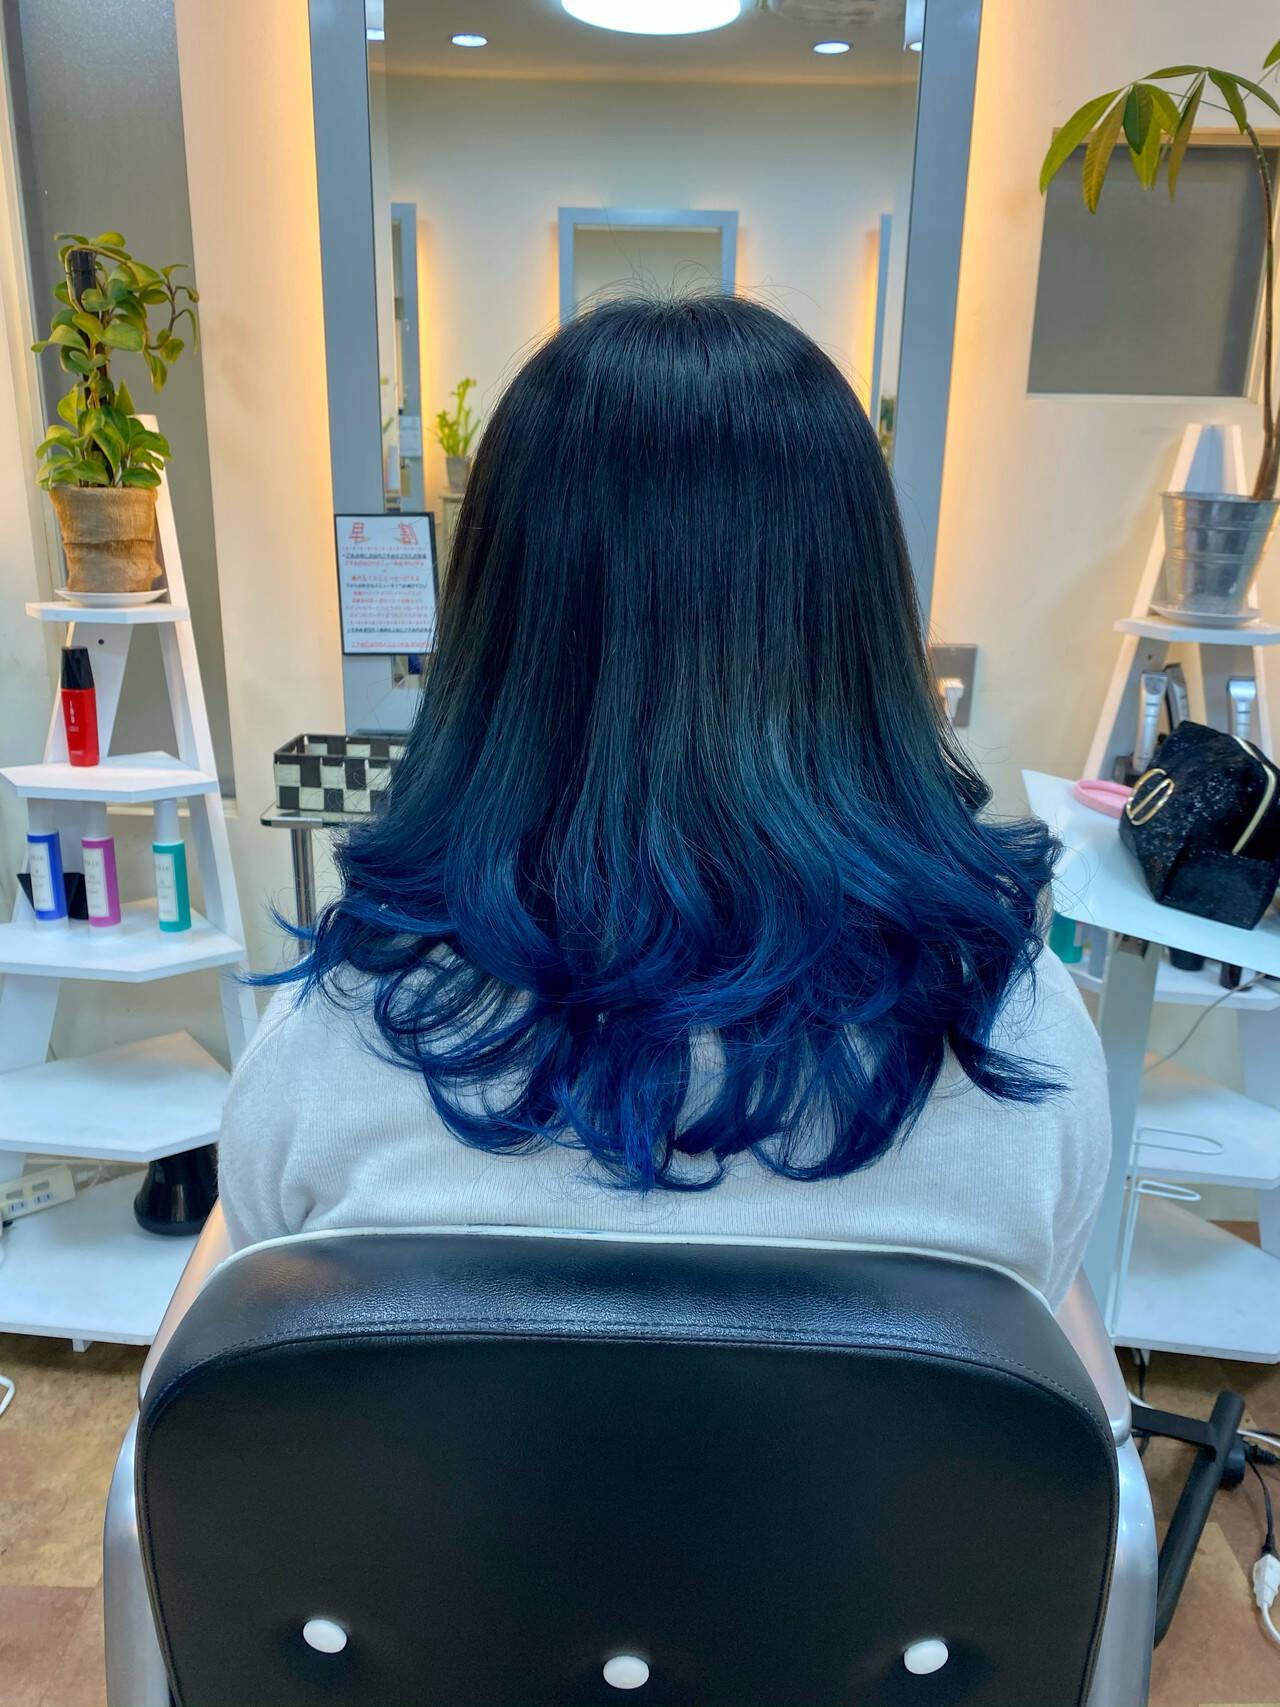 モード イルミナカラー ブルー ブルーアッシュヘアスタイルや髪型の写真・画像